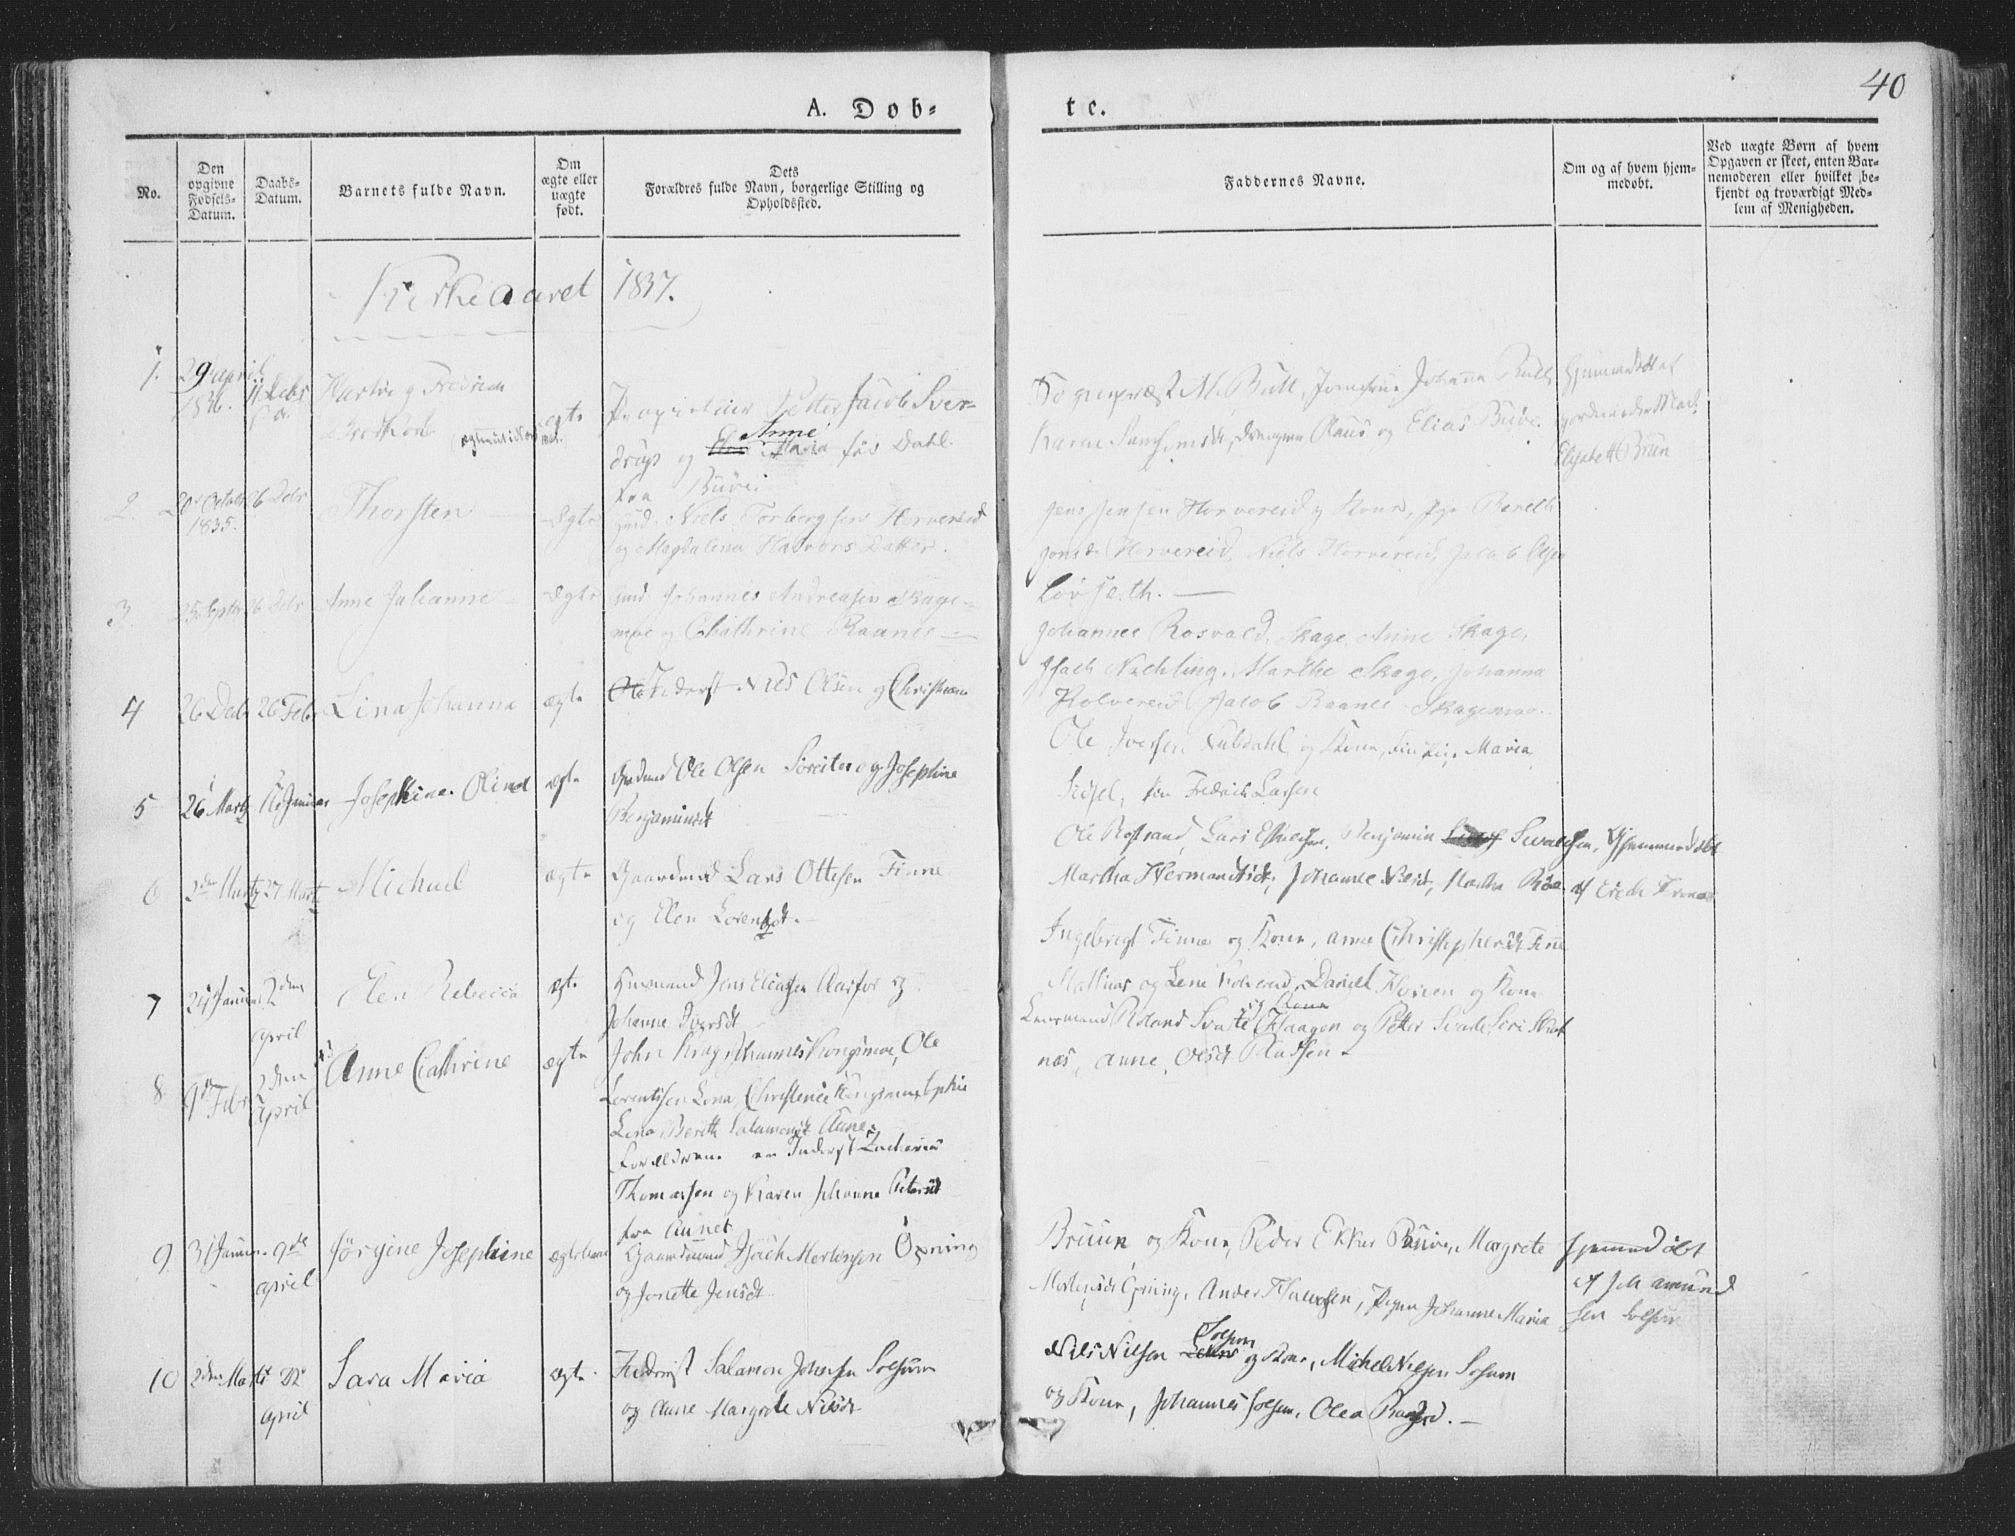 SAT, Ministerialprotokoller, klokkerbøker og fødselsregistre - Nord-Trøndelag, 780/L0639: Ministerialbok nr. 780A04, 1830-1844, s. 40